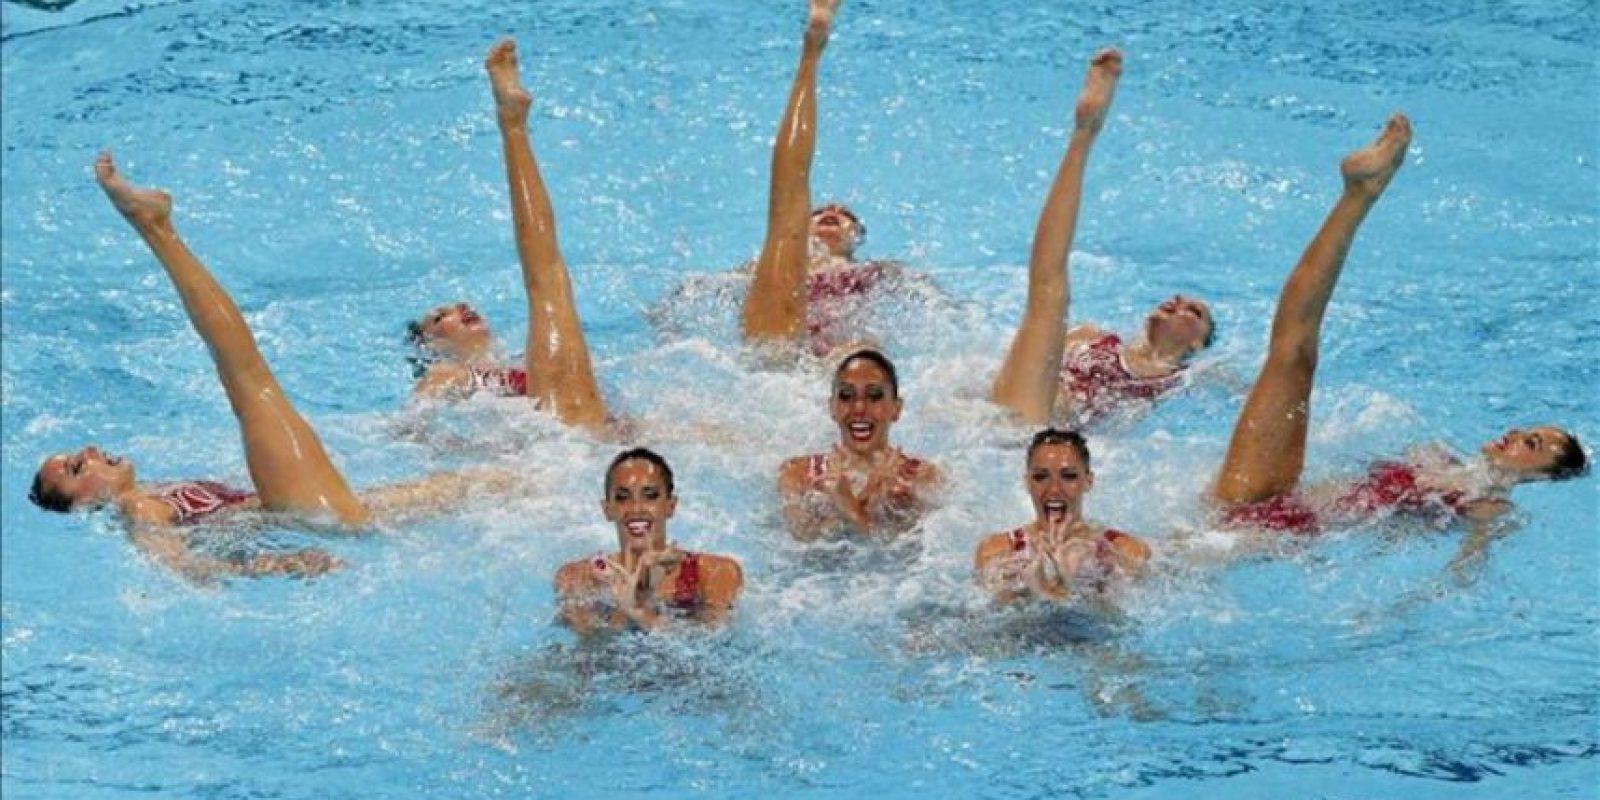 El equipo de sincronizada de España, durante la final de rutina libre de equipo de los Campeonatos del Mundo de Natación que se han celebrado hoy en la piscina del Palau Sant Jordi de Barcelona. EFE